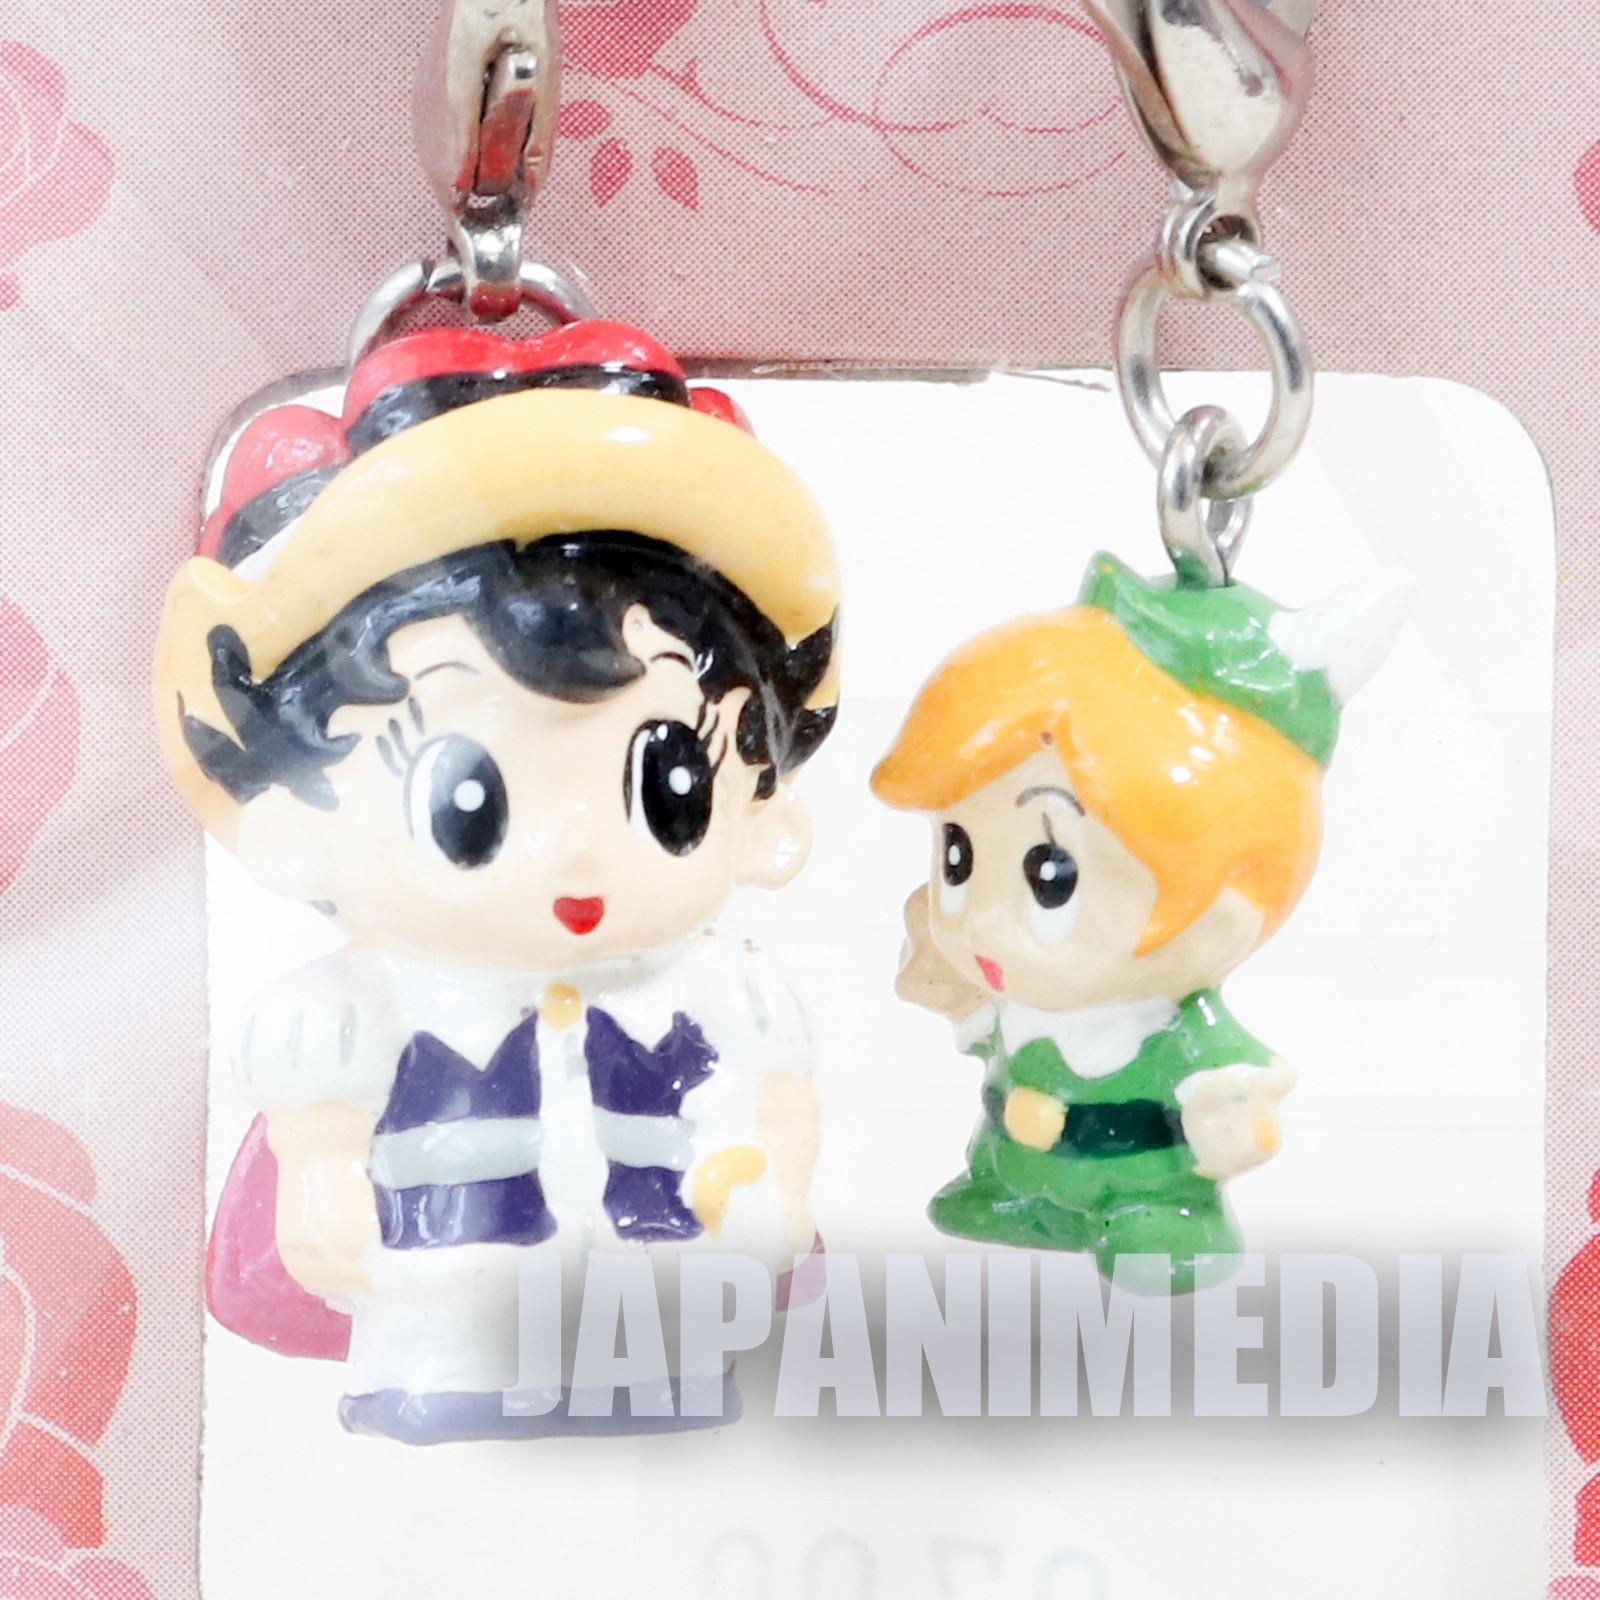 Princess Knight Sapphire & Tink Mascot Figure Osamu Tezuka JAPAN ANIME